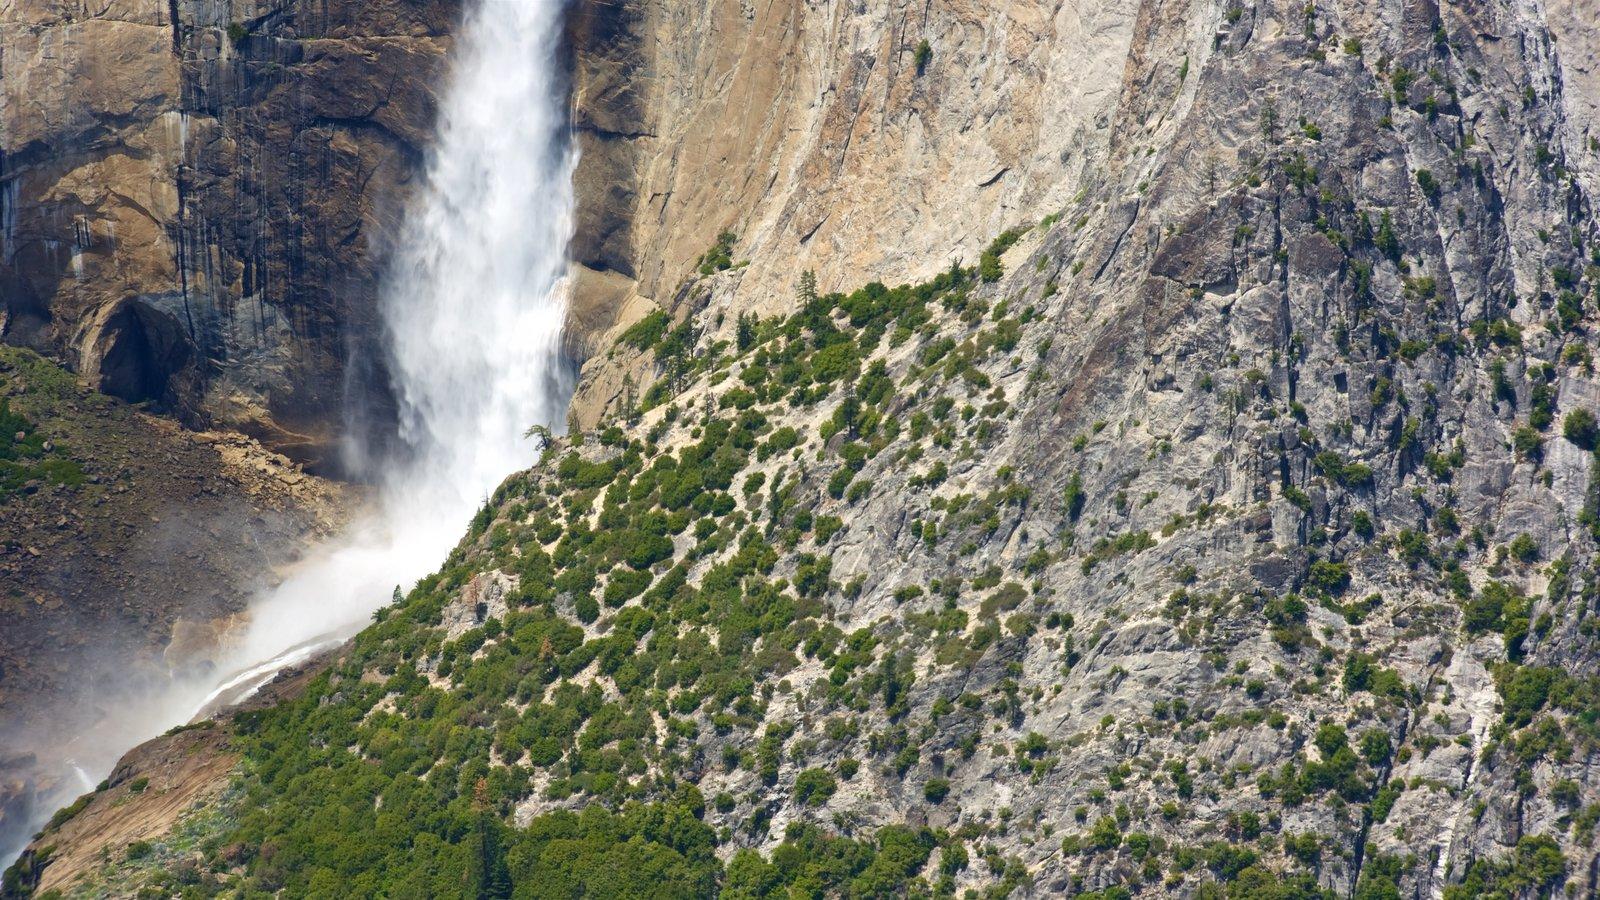 Glacier Point que inclui uma cachoeira e cenas tranquilas